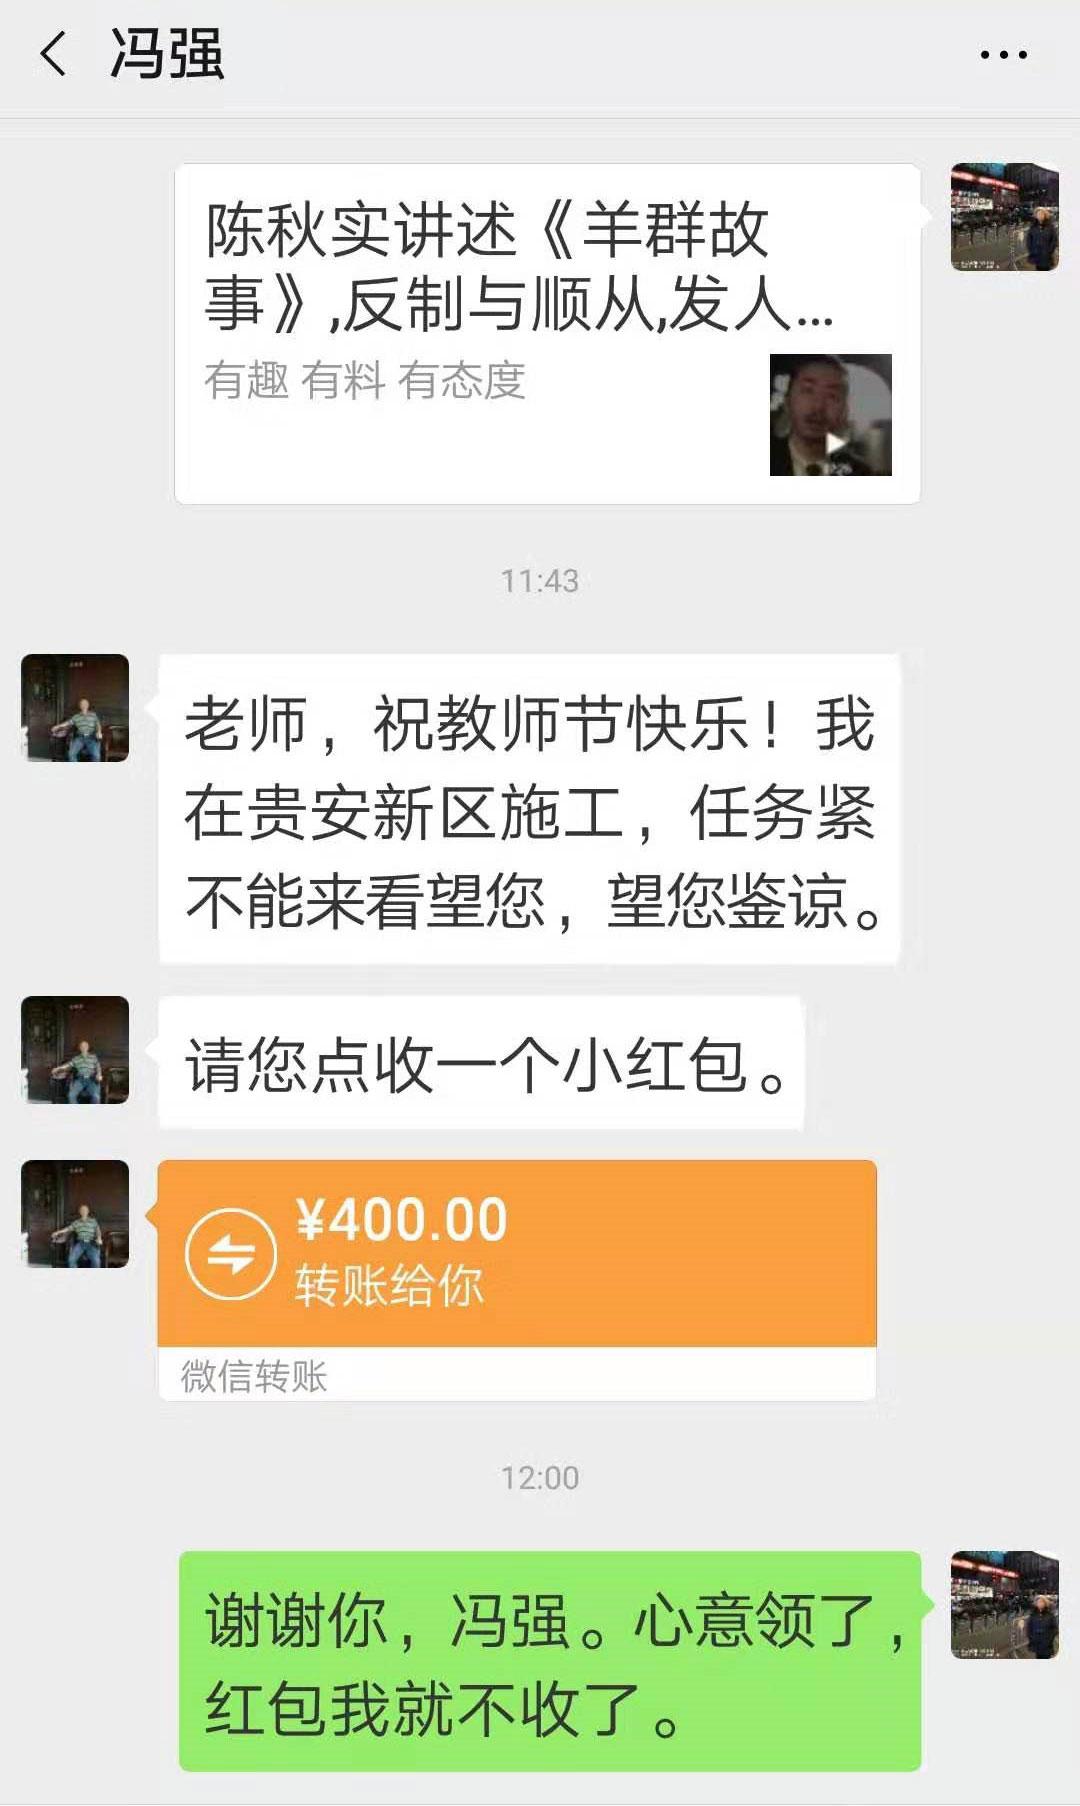 黄椿贵的学生在微信问候老师。(当事人提供/记者乔龙)